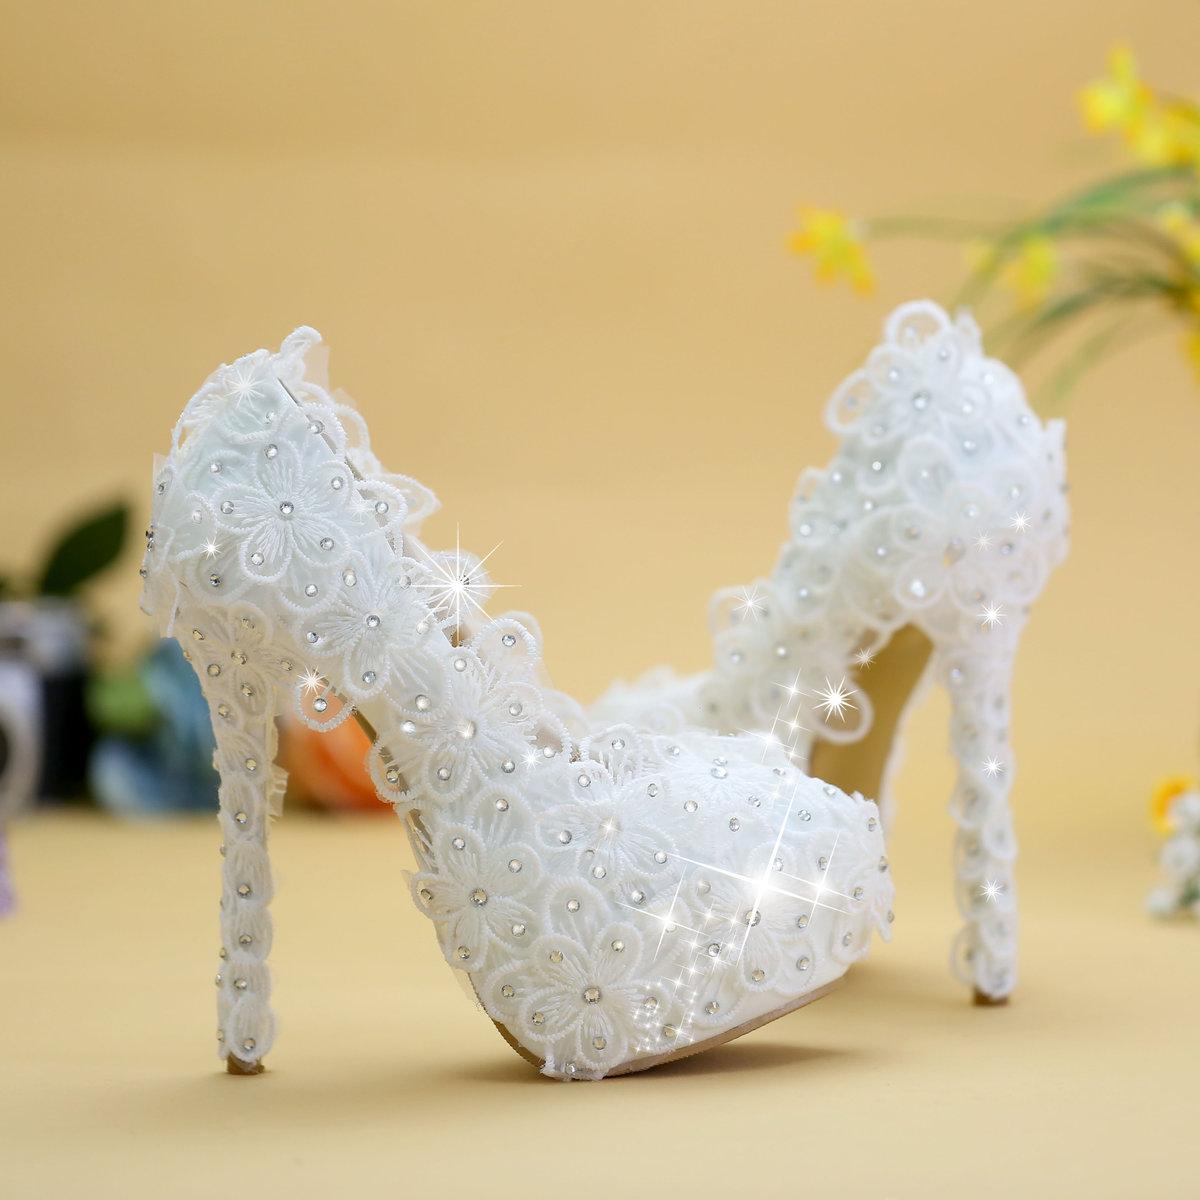 каблуки на свадьбу картинки чем заключаются